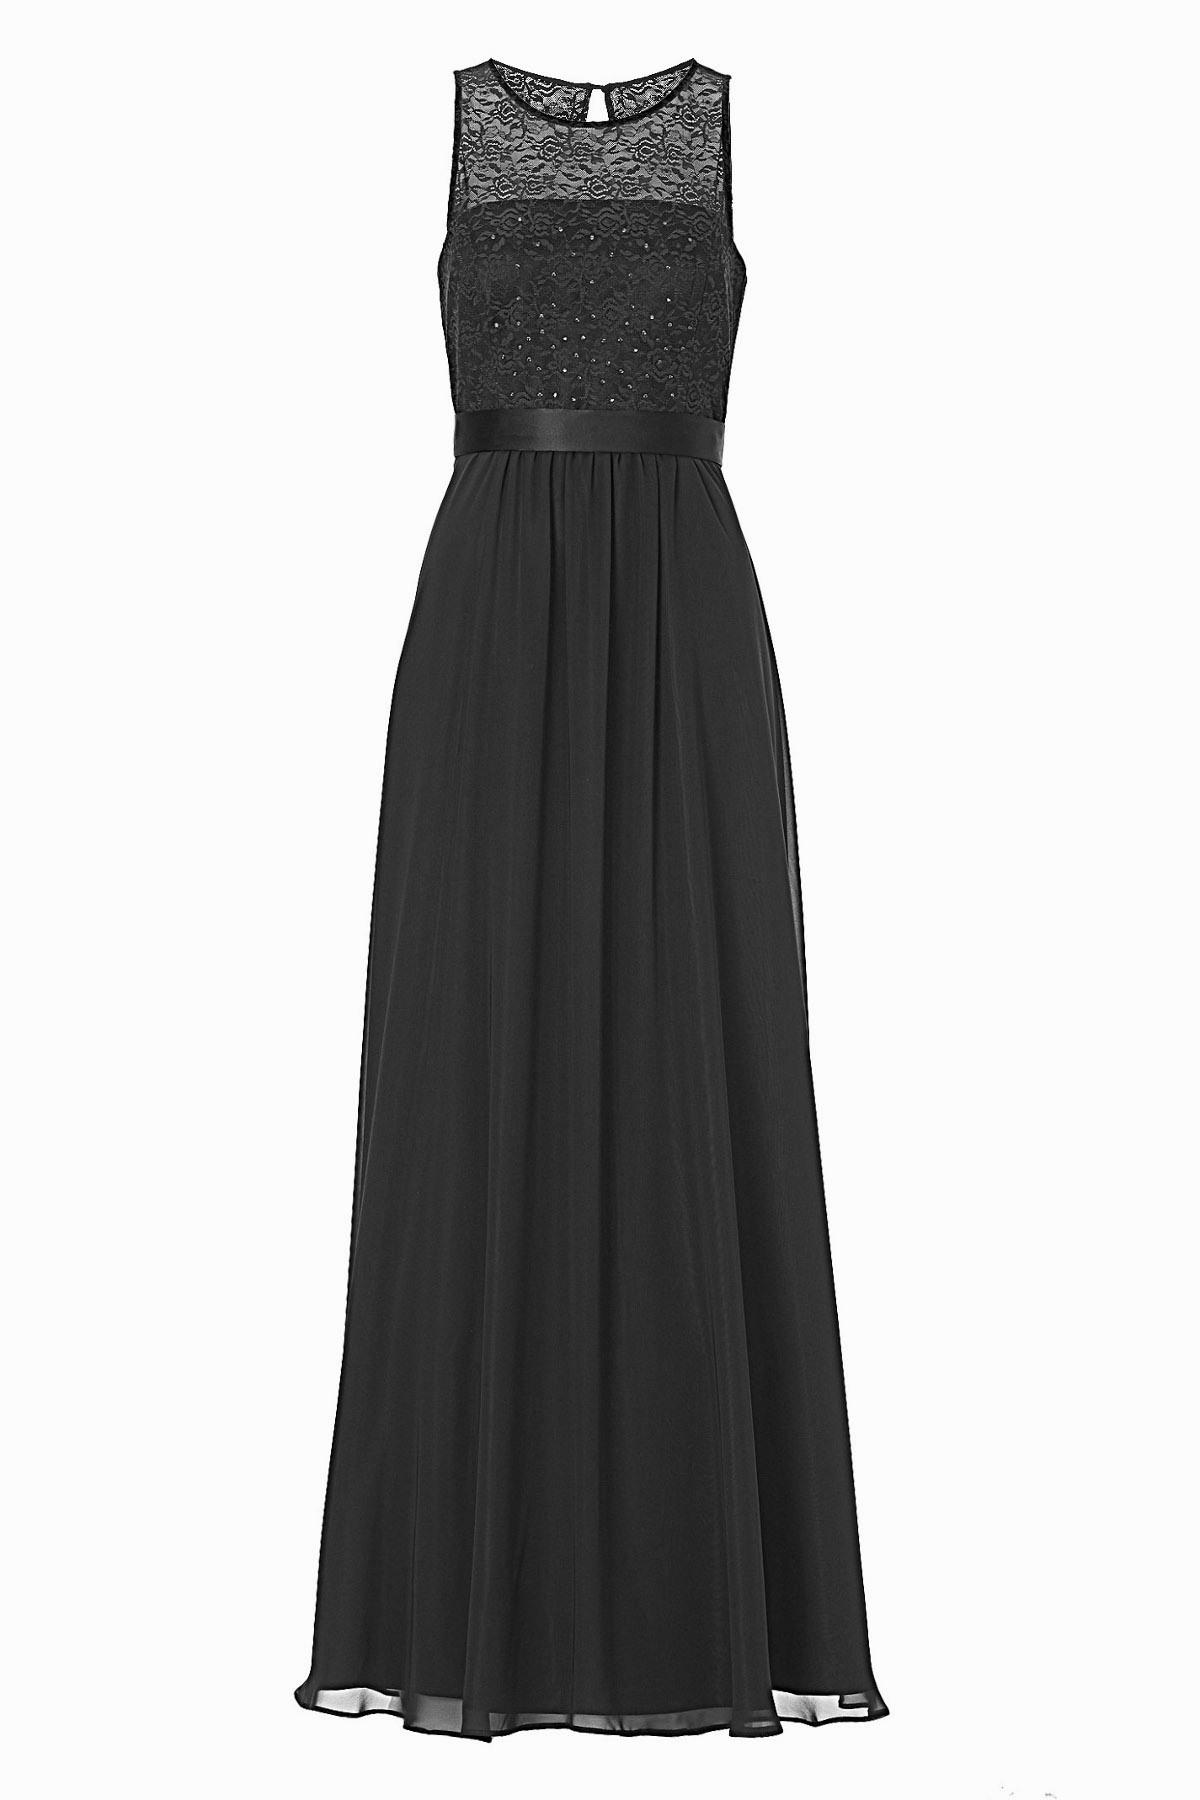 17 Erstaunlich Kleid Abendkleid Spezialgebiet10 Spektakulär Kleid Abendkleid Design